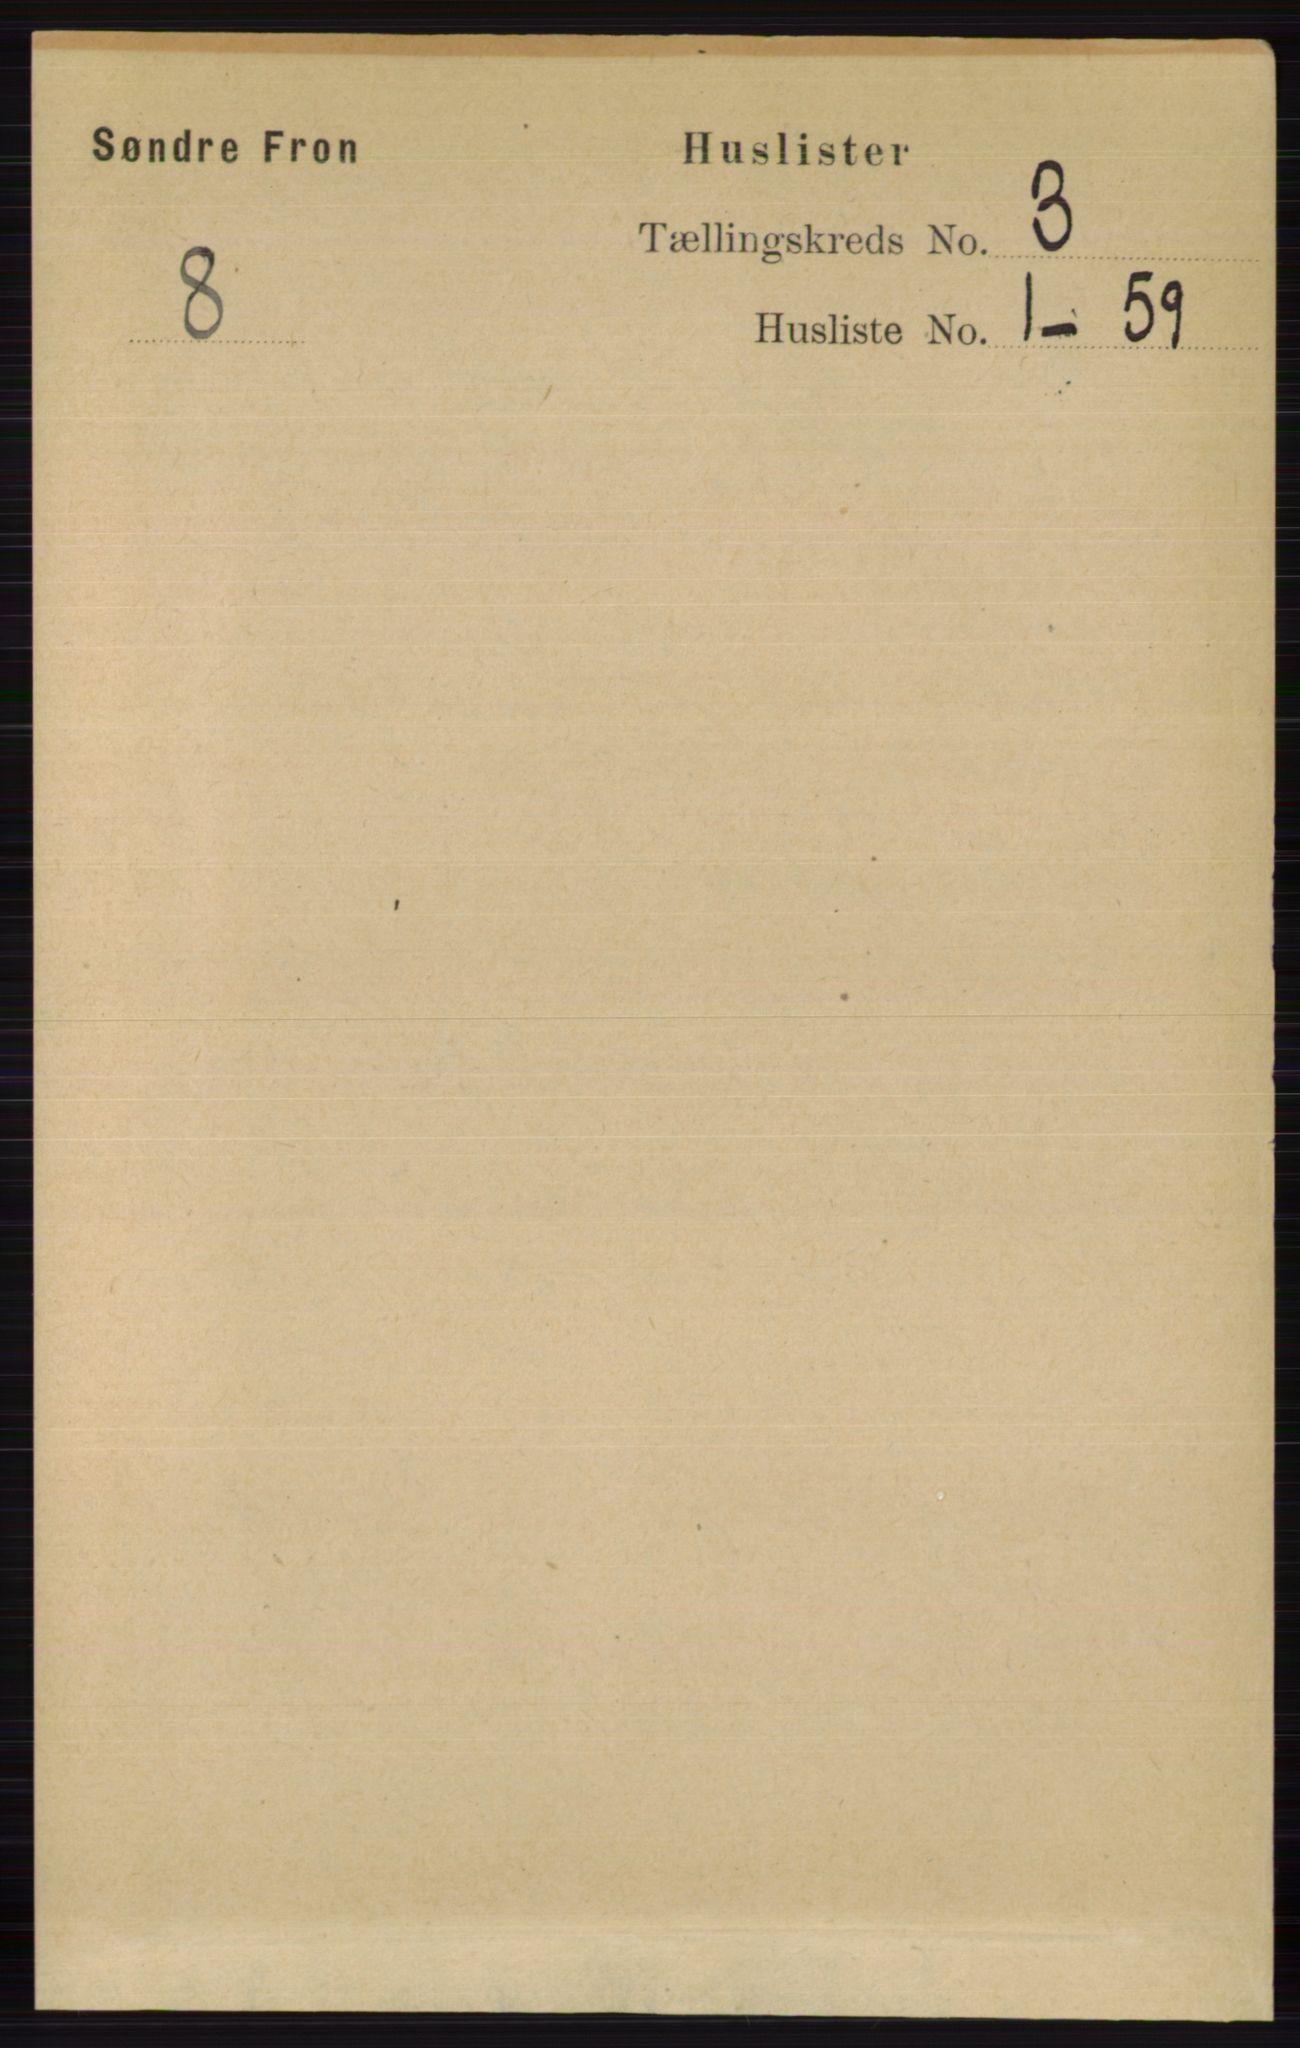 RA, Folketelling 1891 for 0519 Sør-Fron herred, 1891, s. 911